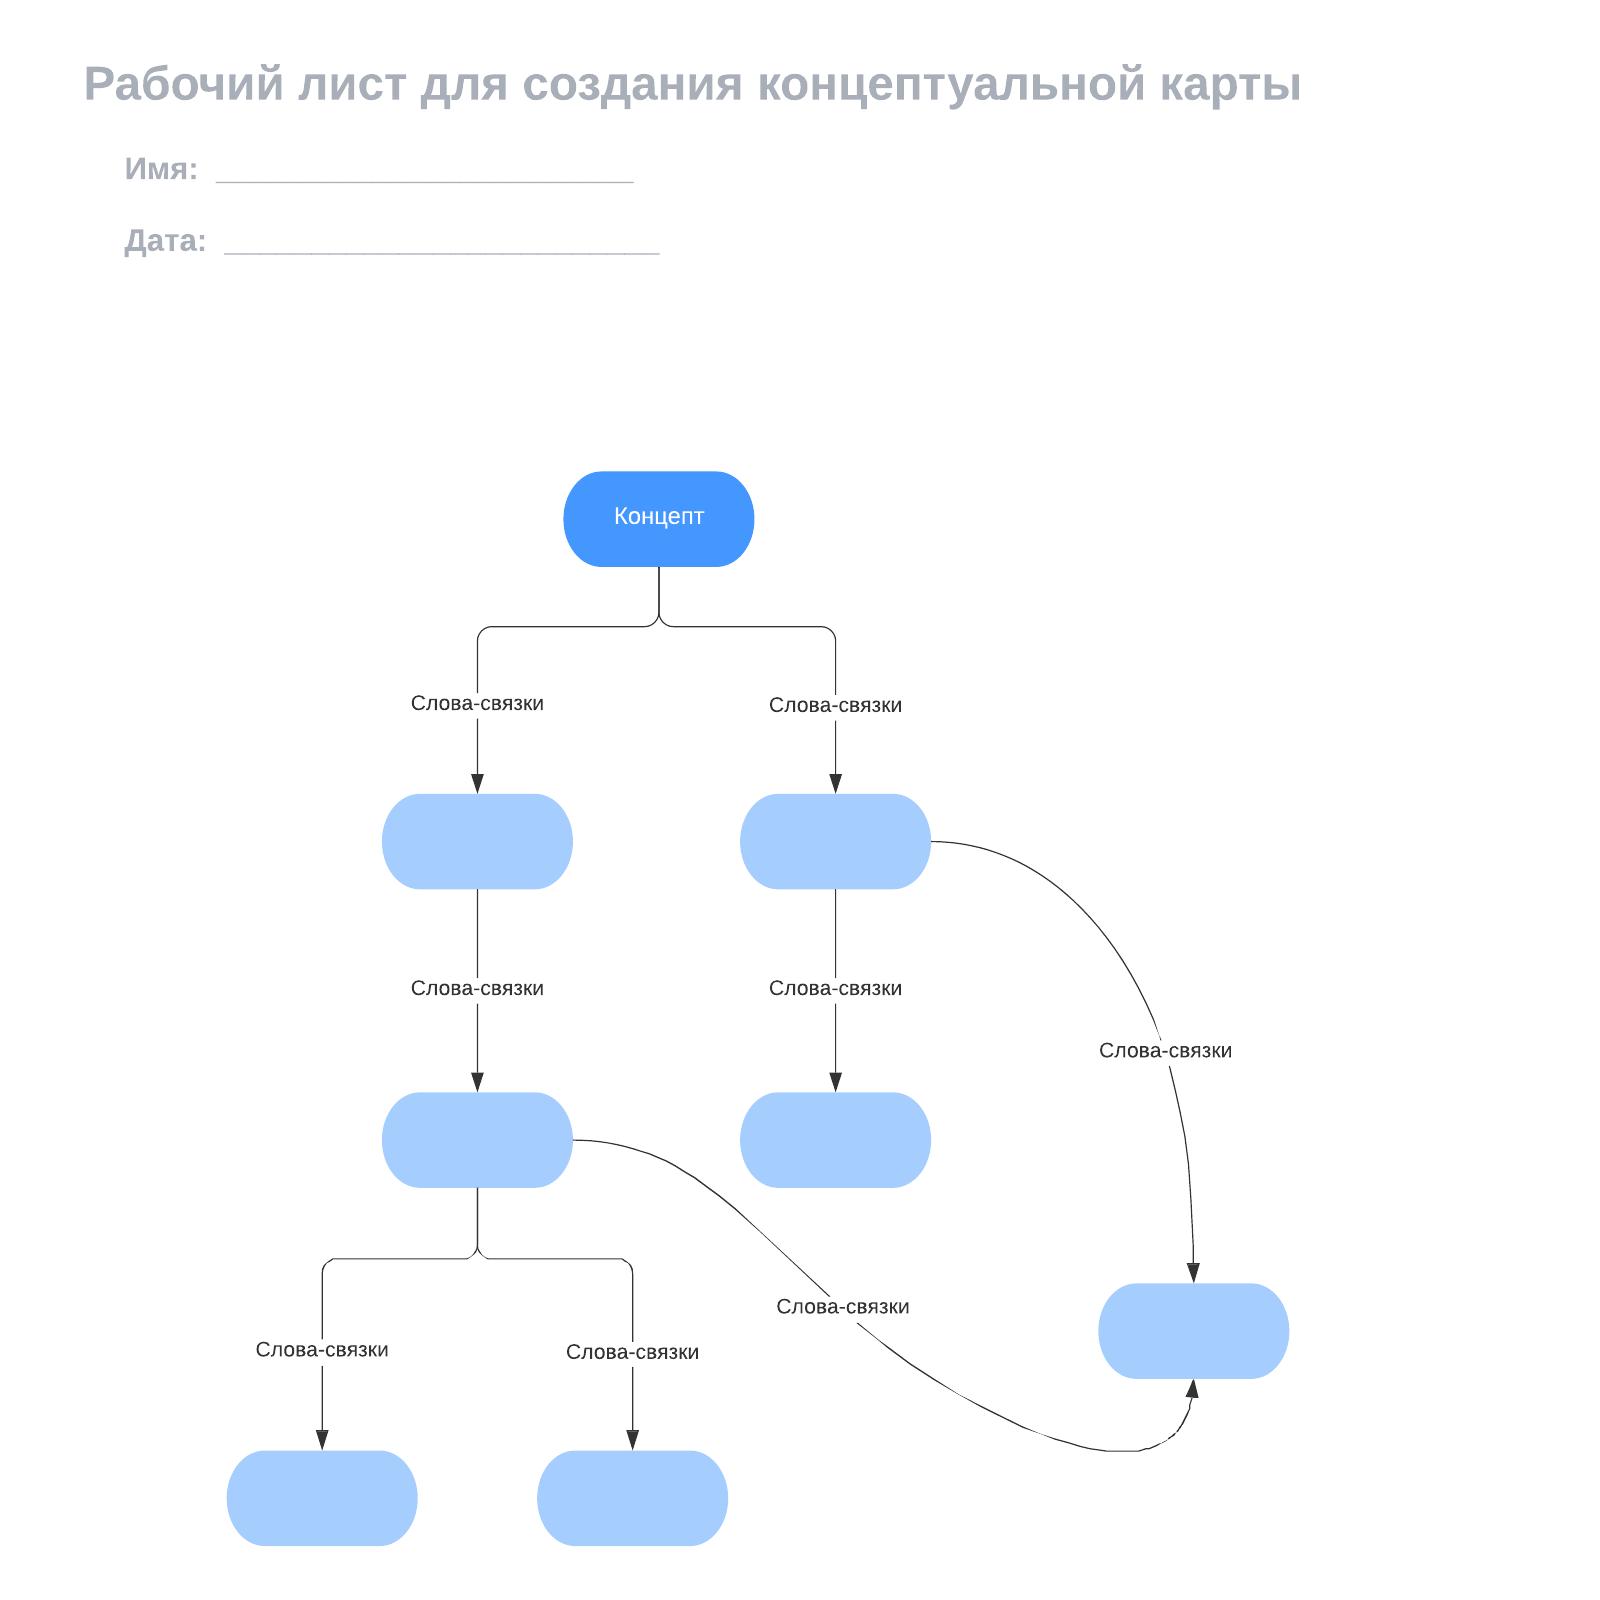 Рабочий лист для создания концептуальной карты